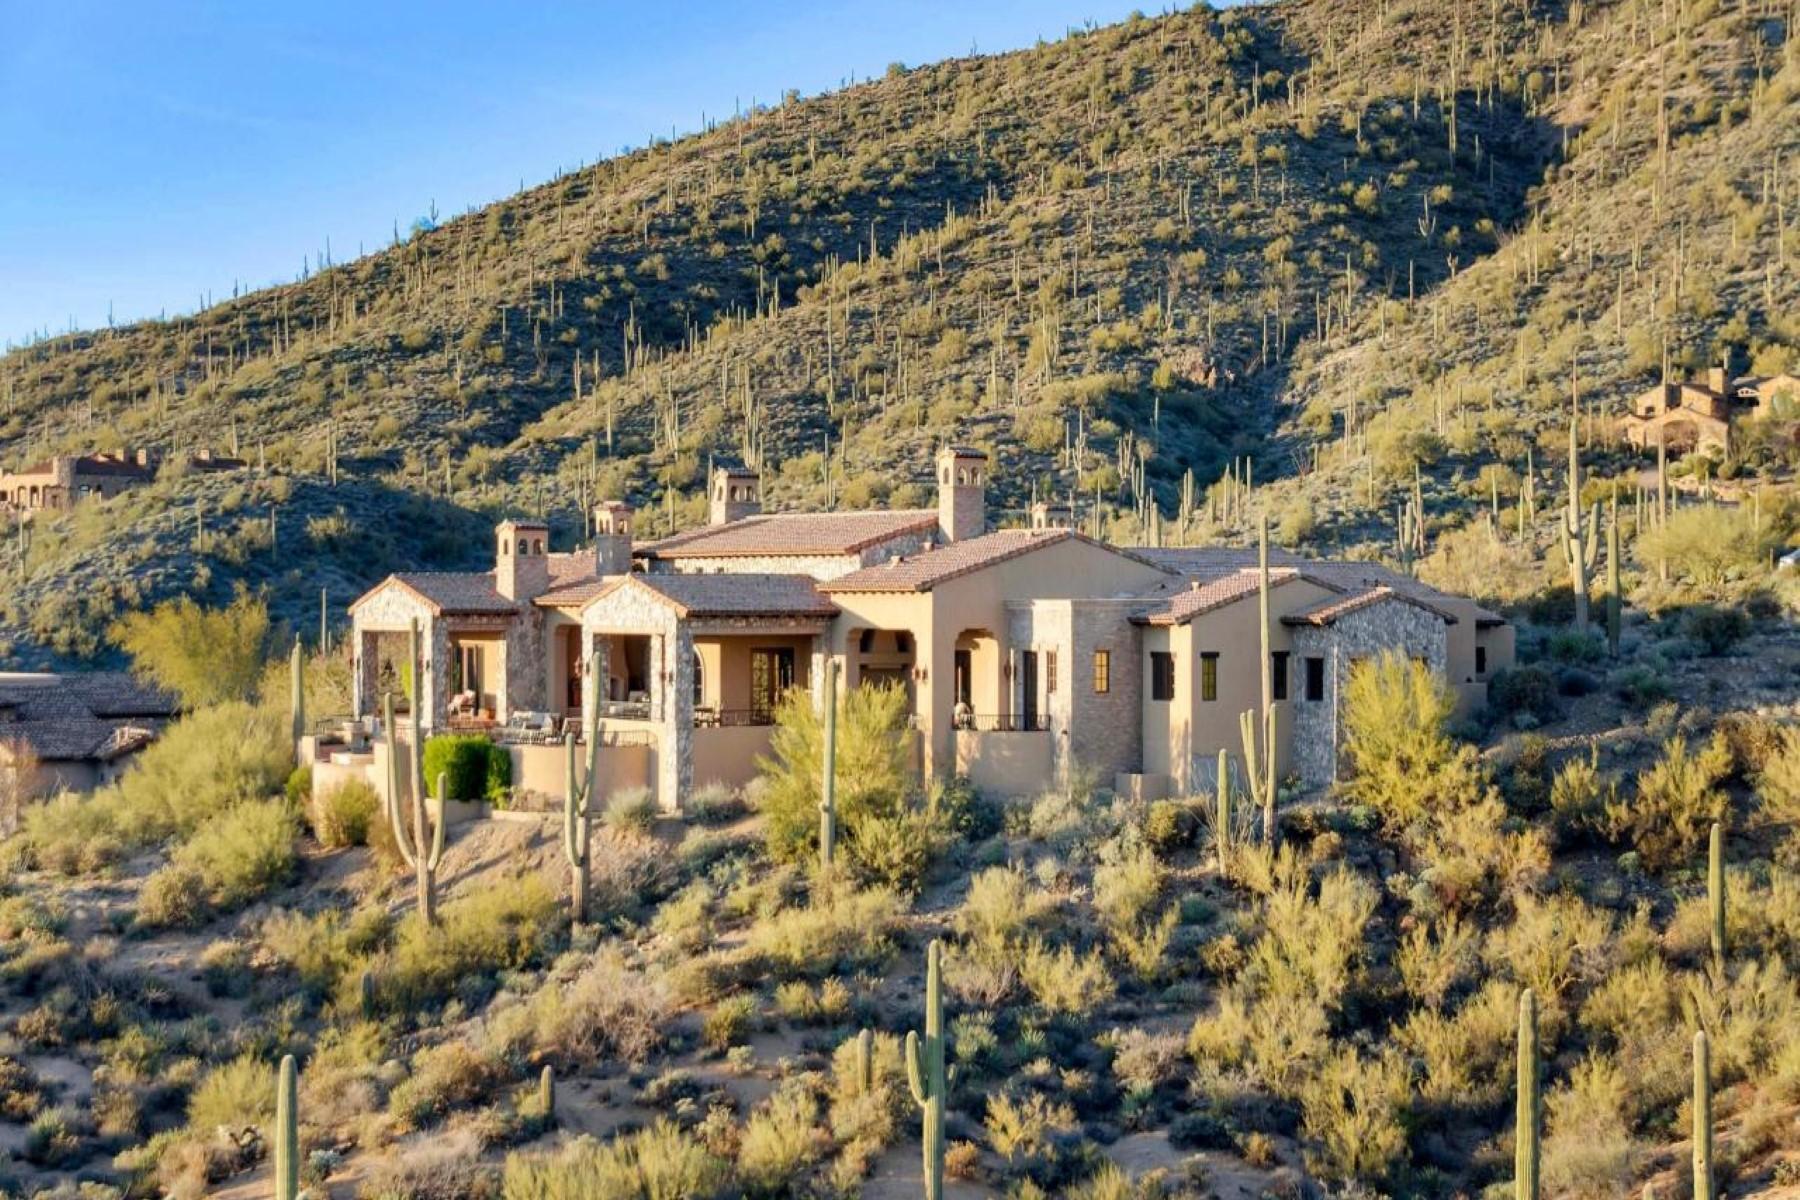 Einfamilienhaus für Verkauf beim Tuscan andalusian style home offers unparalleled views 9919 E Sienna Hills Dr Scottsdale, Arizona, 85262 Vereinigte Staaten